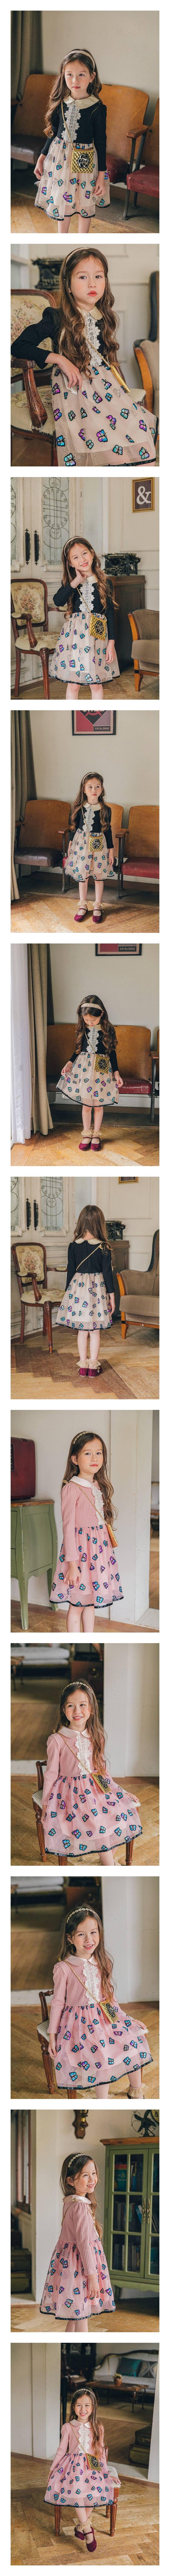 PINK BERRY - Korean Children Fashion - #Kfashion4kids - Emma One-piece